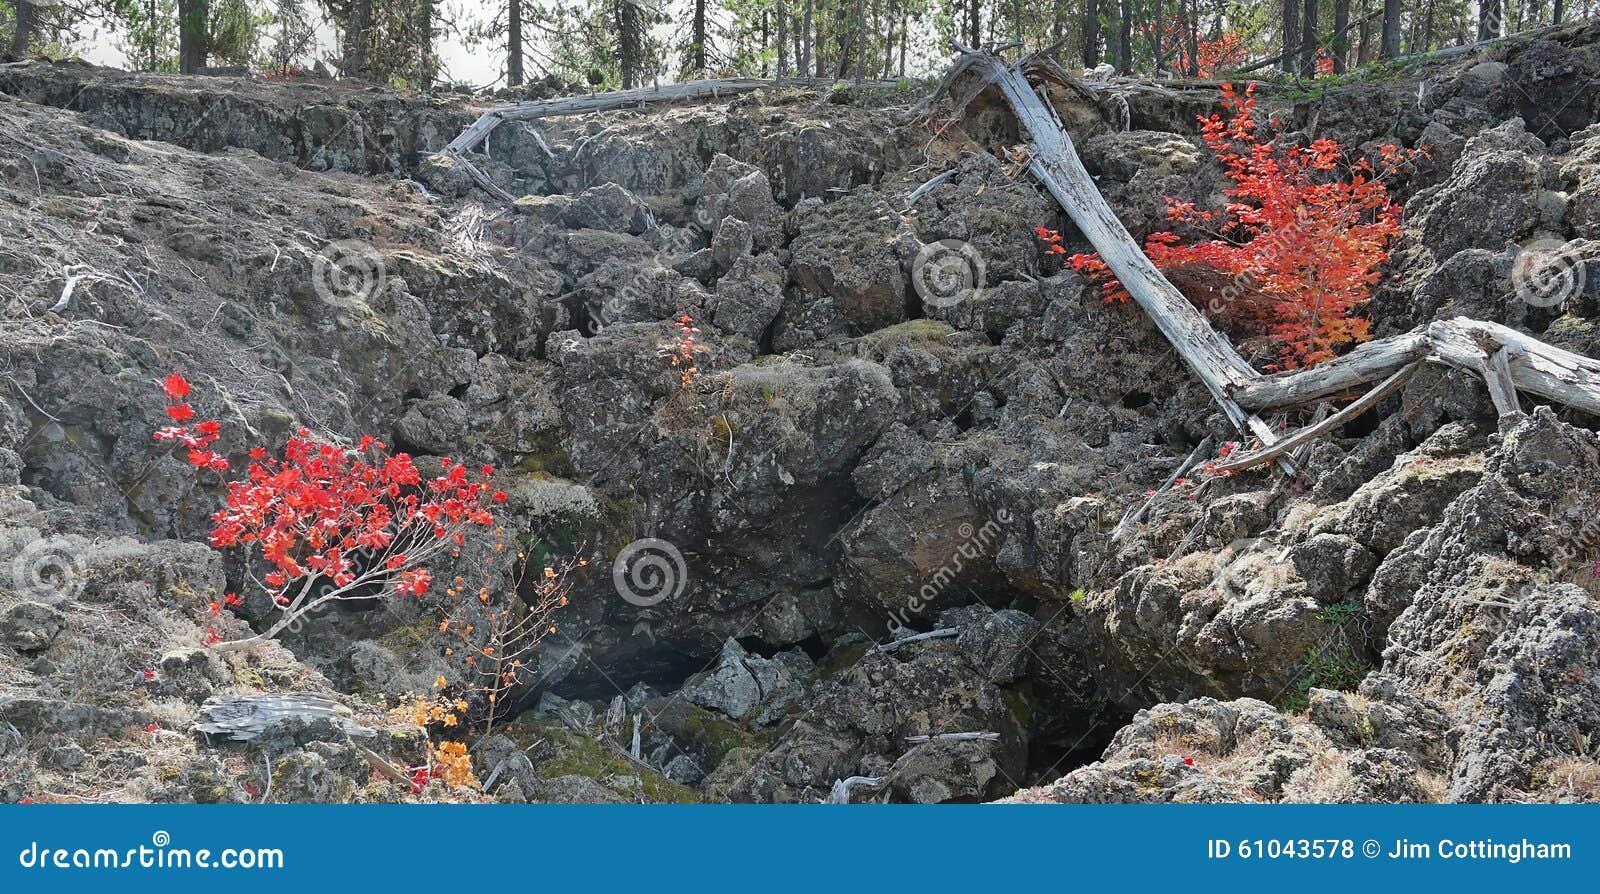 The lava flow of the Tolbachik Volcano, Mount Kamen and Klyuchevskaya Sopka